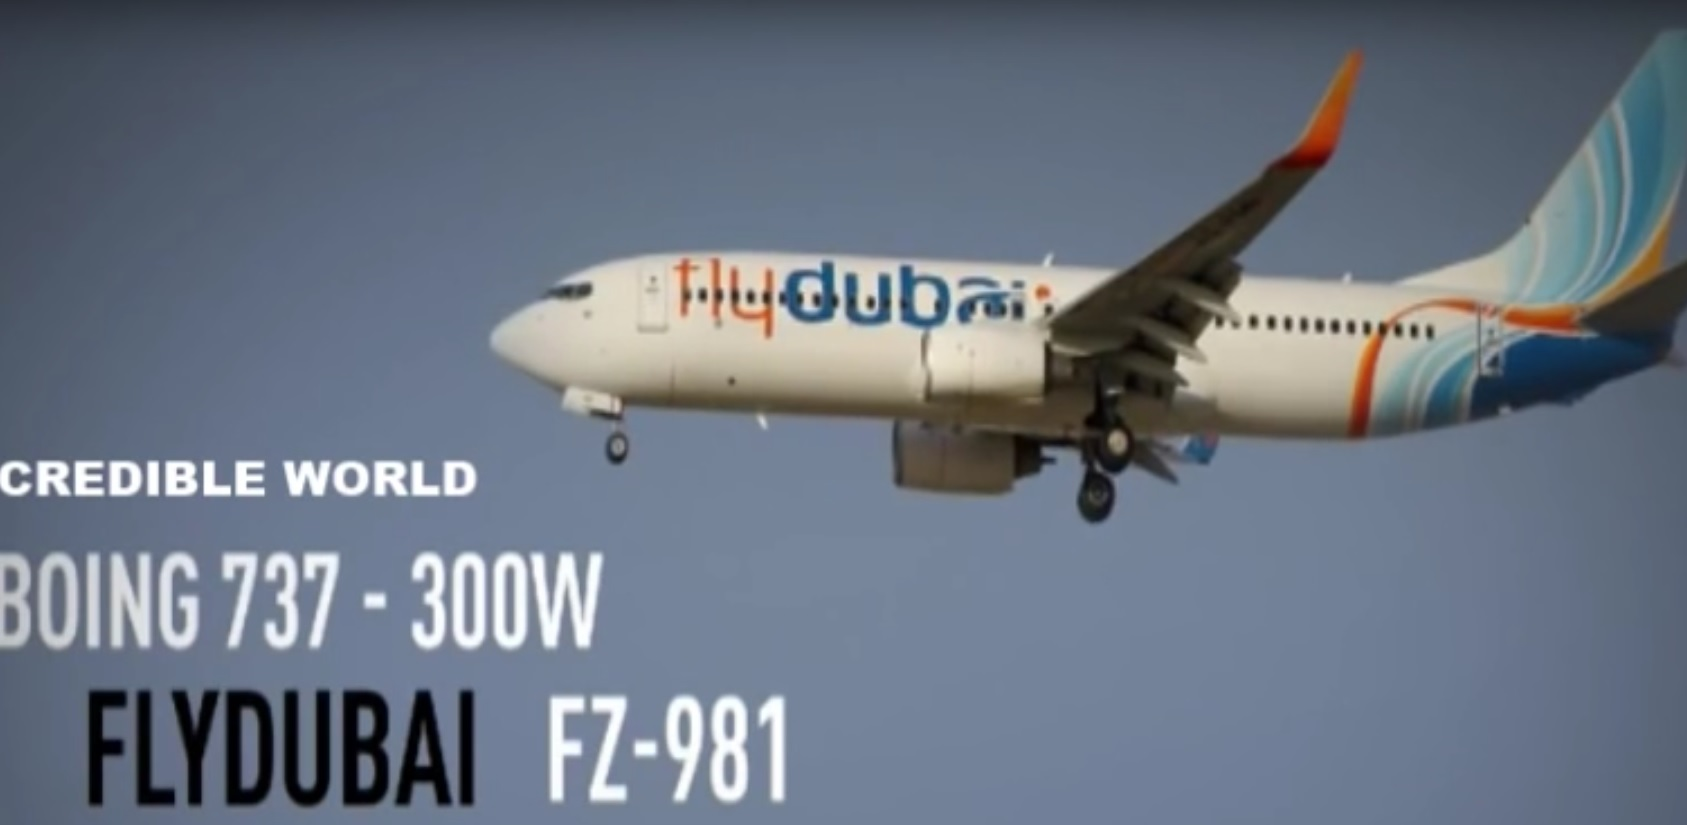 VIDEO: PRIJE PADA BOEINGA - Što je sve govorio i pokušavao pilot zrakoplova?